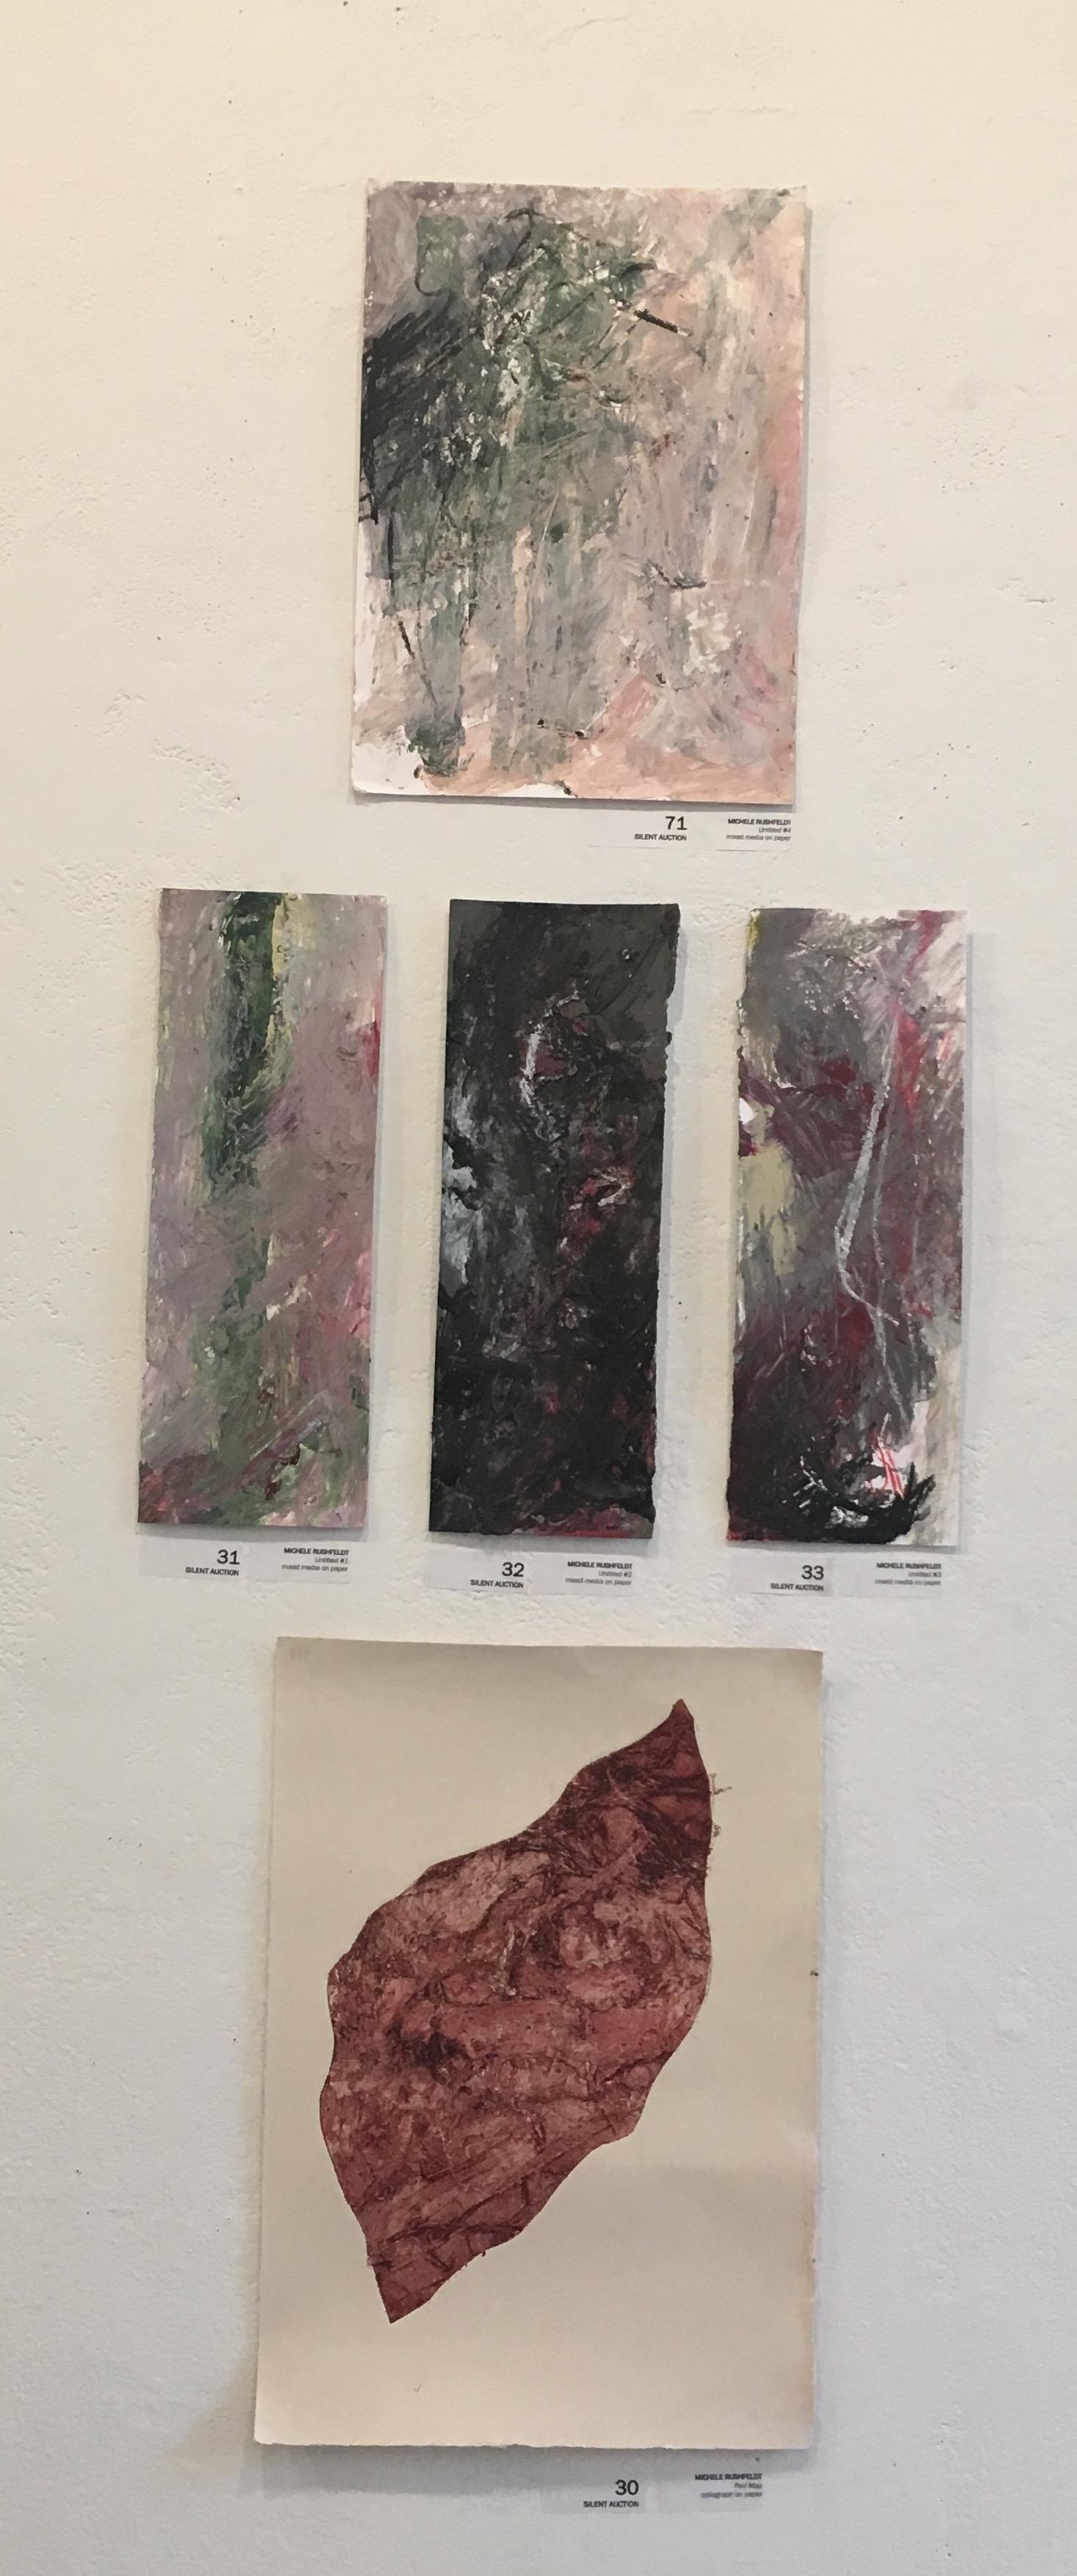 Works by Michele Rushfeldt